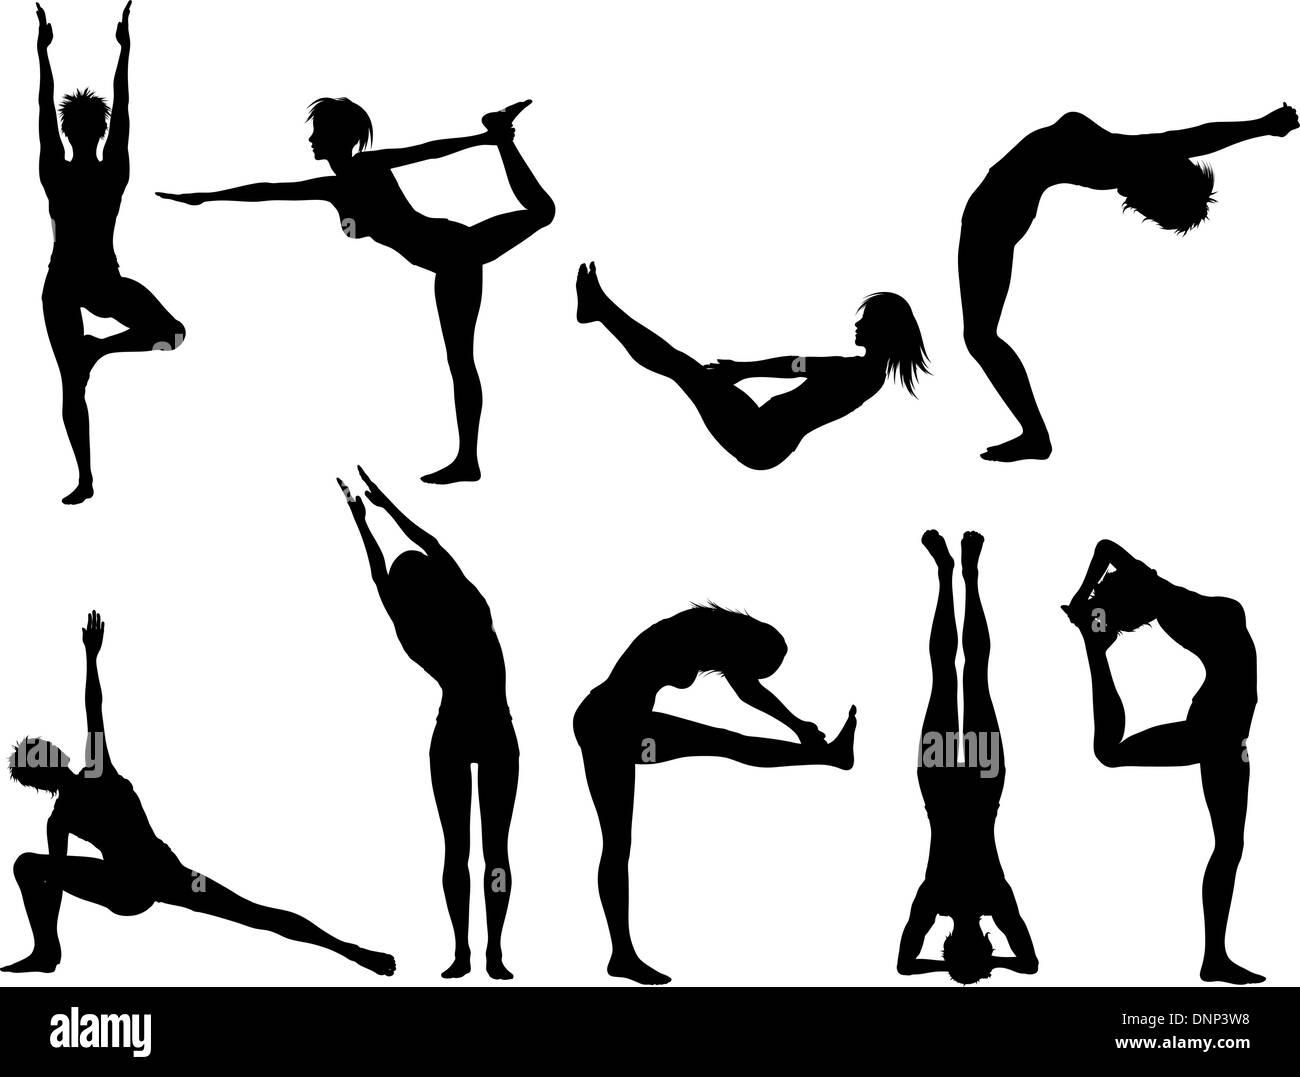 Siluetas de mujeres en diversas posiciones de yoga Imagen De Stock